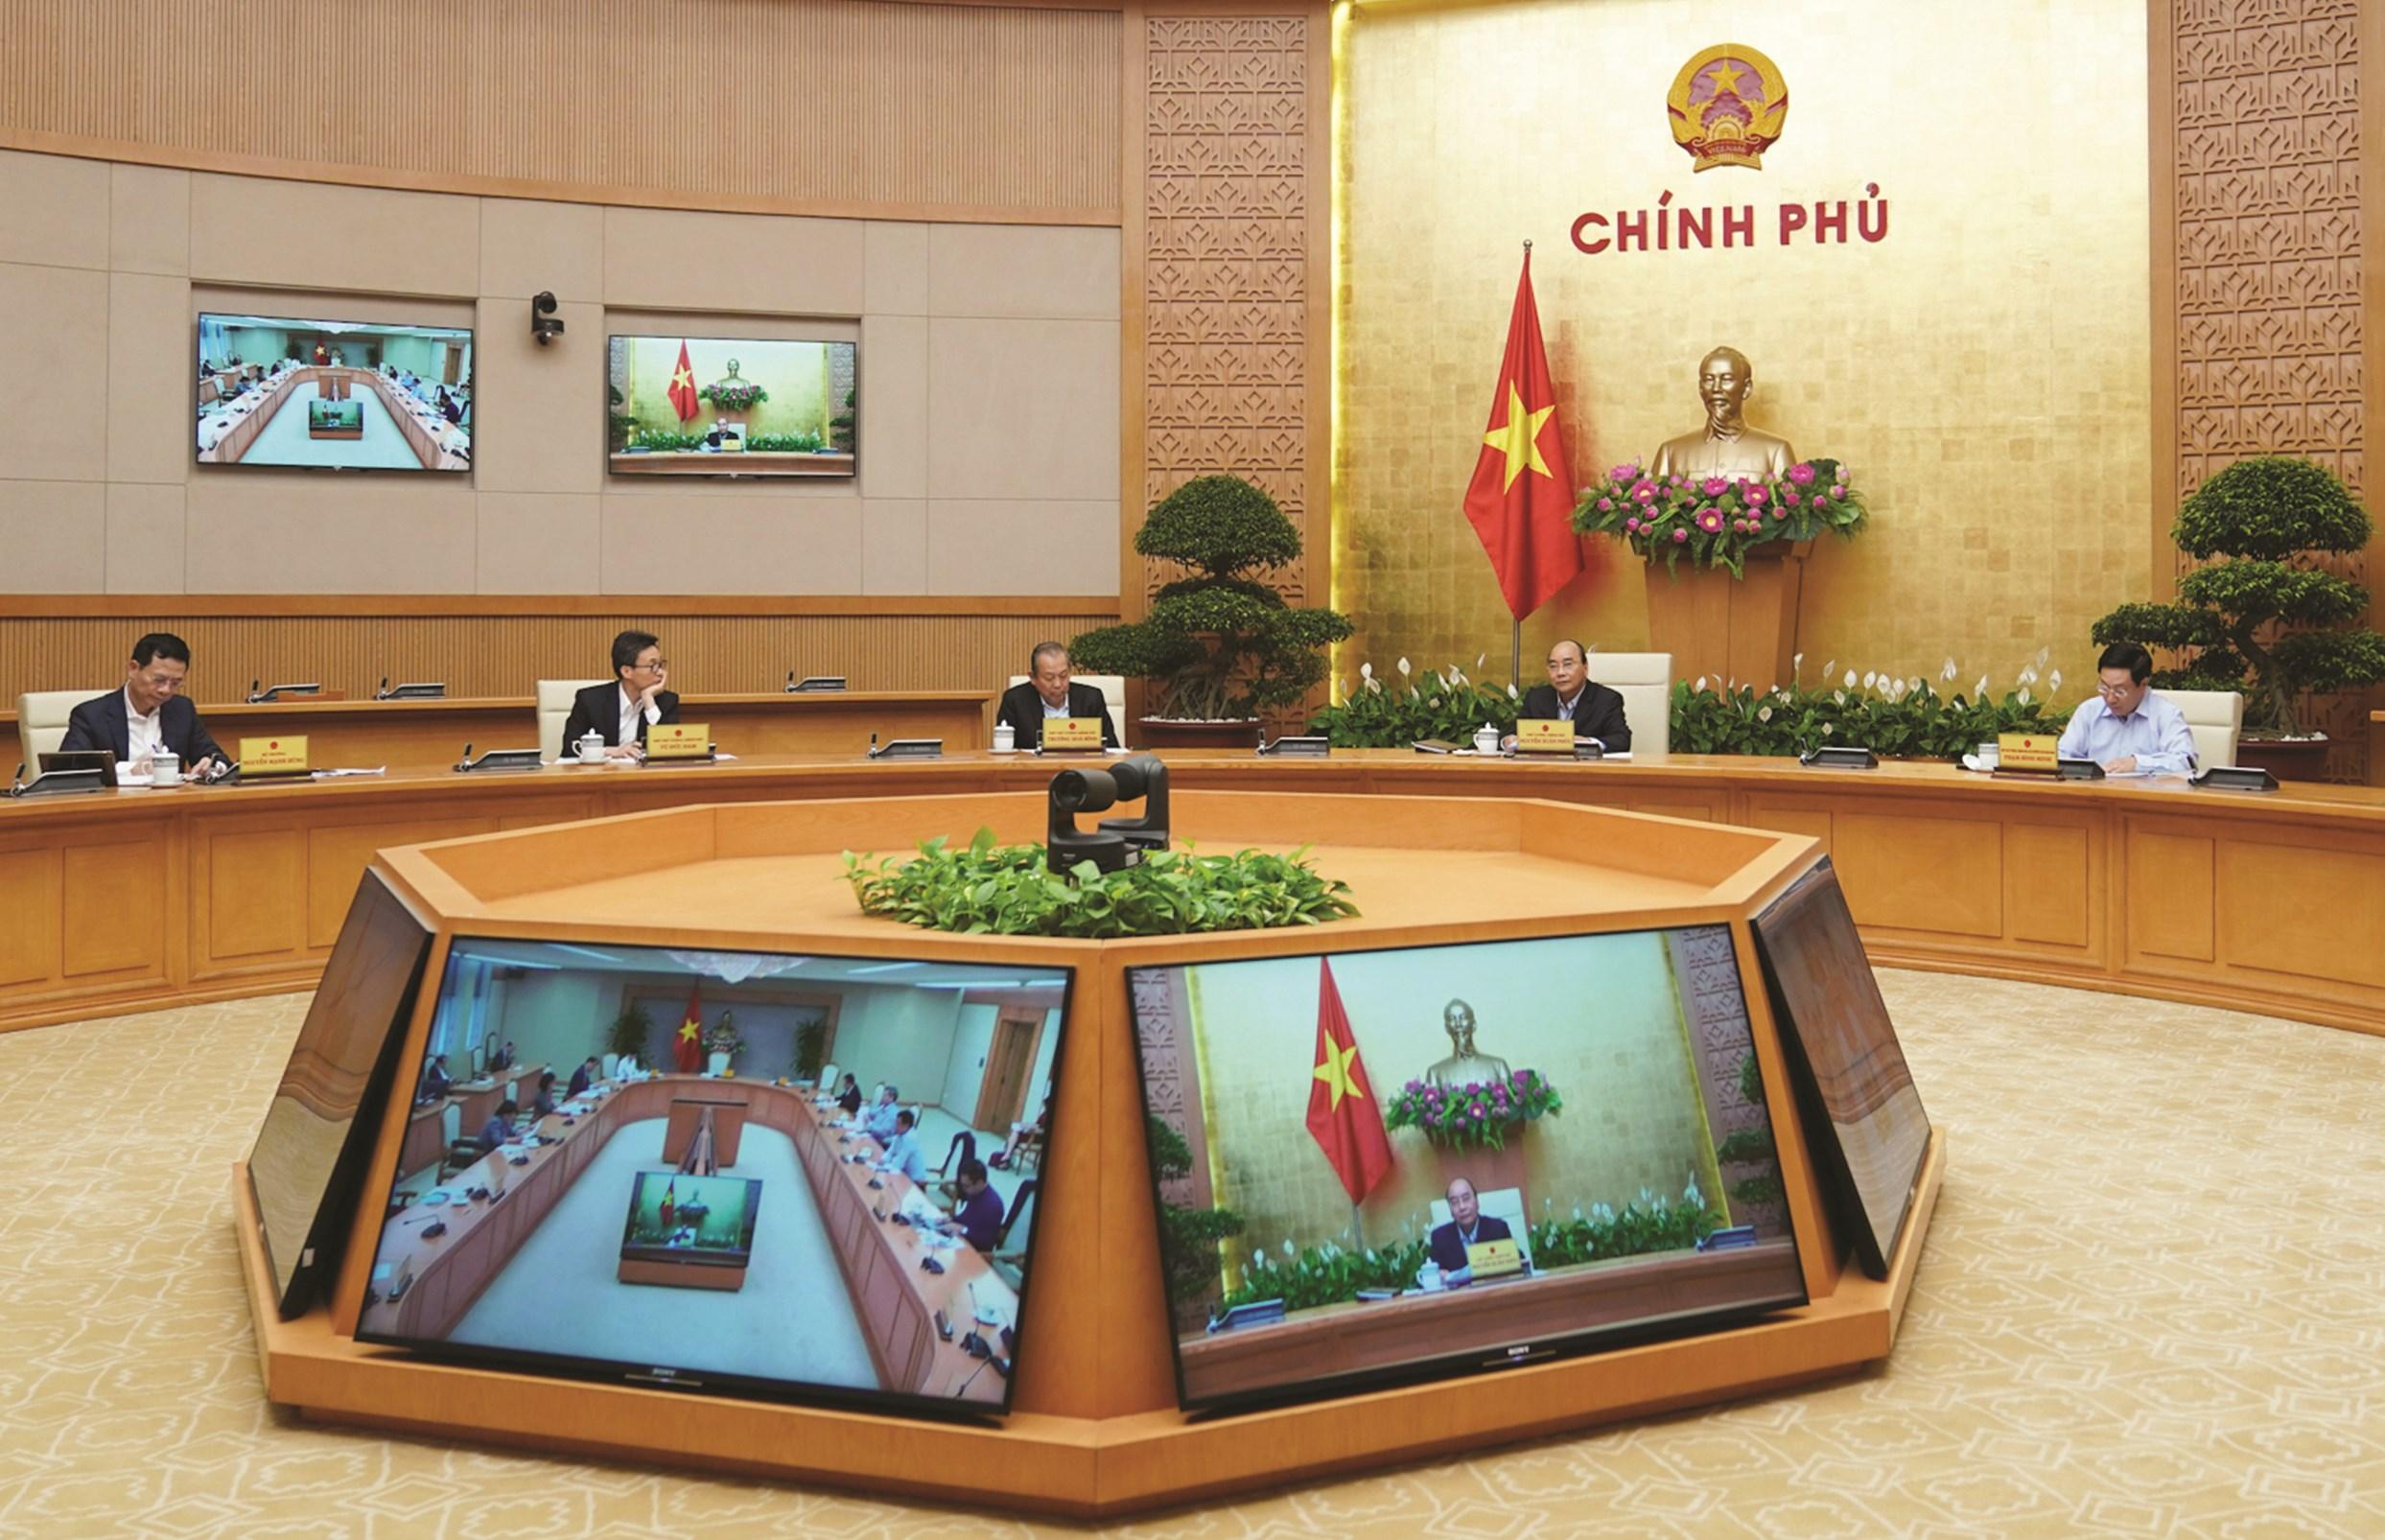 Thủ tướng Chính phủ Nguyễn Xuân Phúc chủ trì cuộc họp